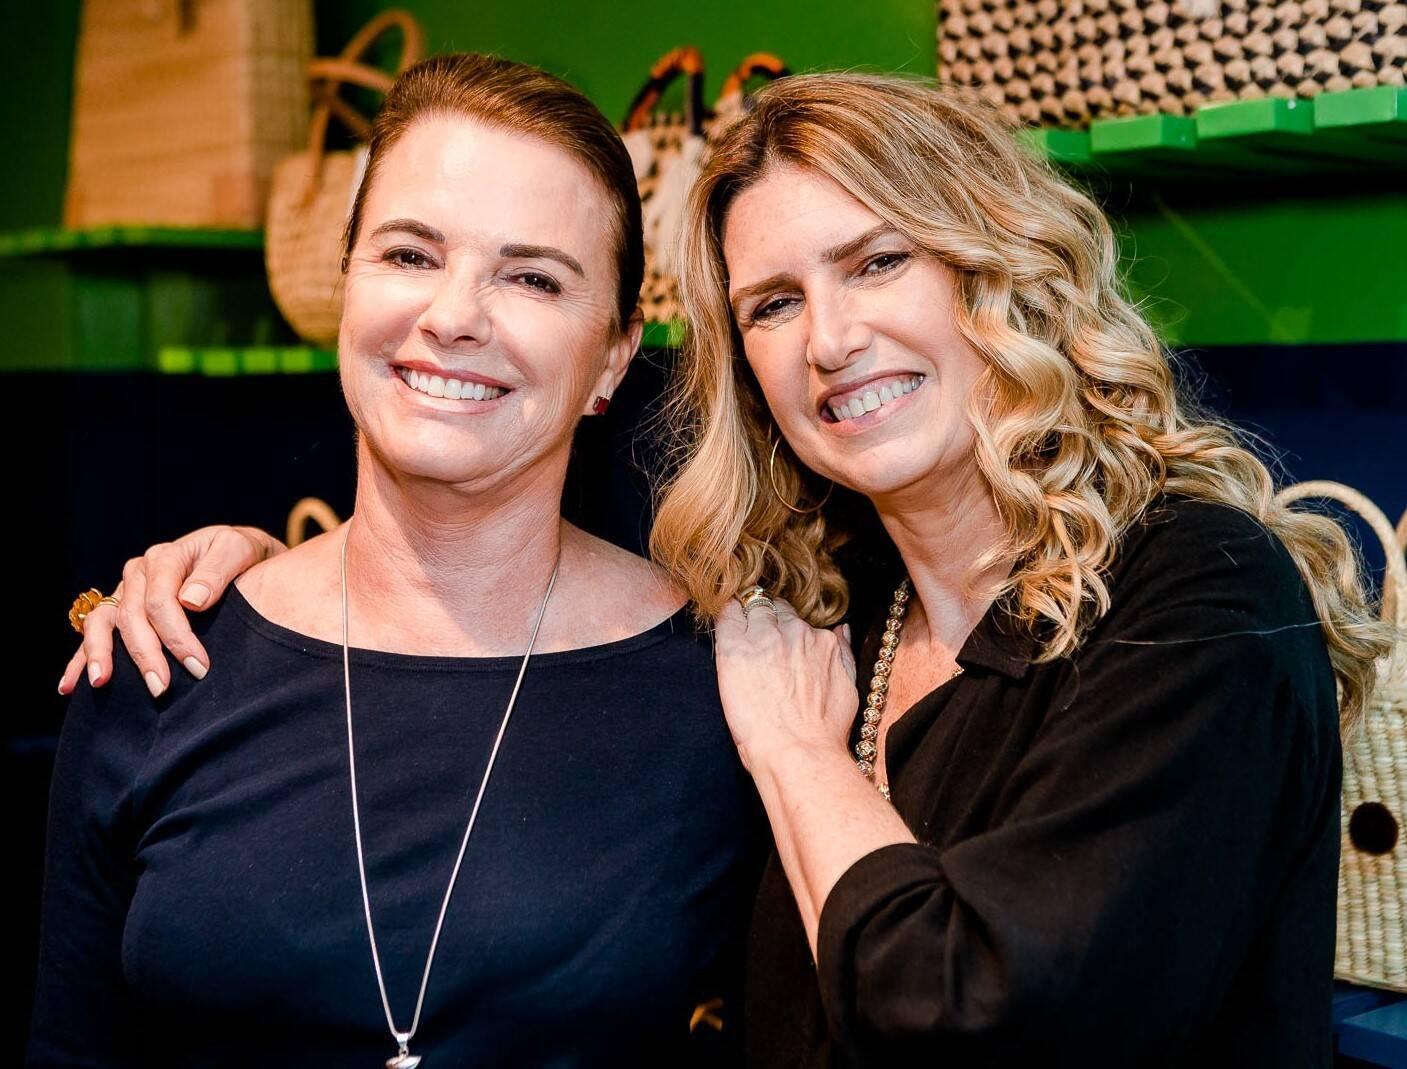 Laura Dias Leite e Crica Koeller  /Foto: Bruno Ryfer